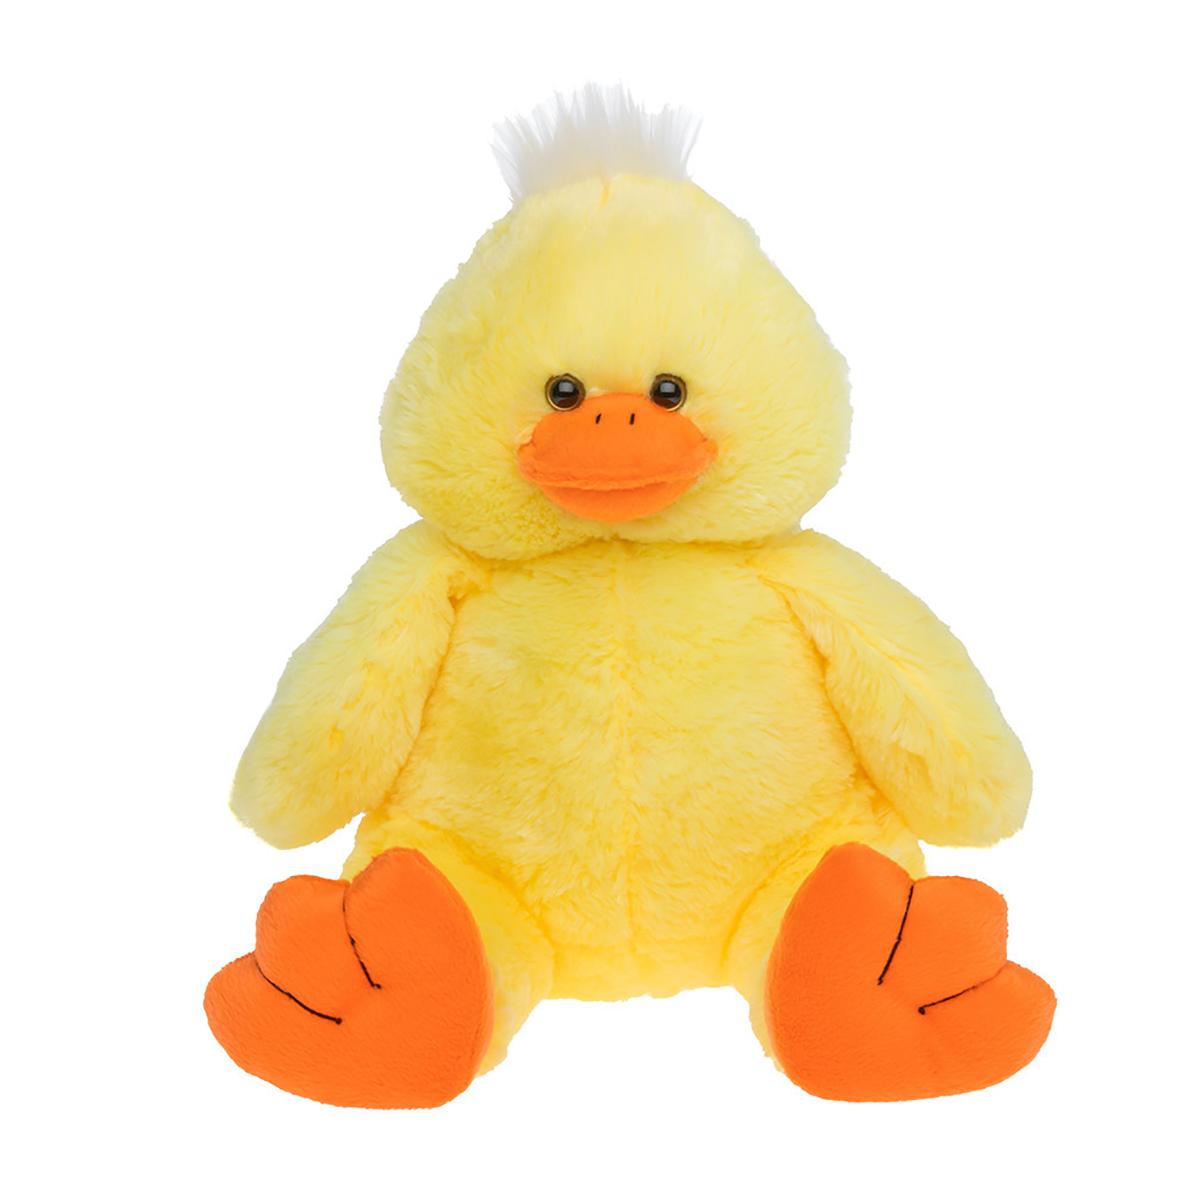 Cuddly Soft 16 inch Stuffed Yellow Plush Duck...We stuff 'em...you love 'em!